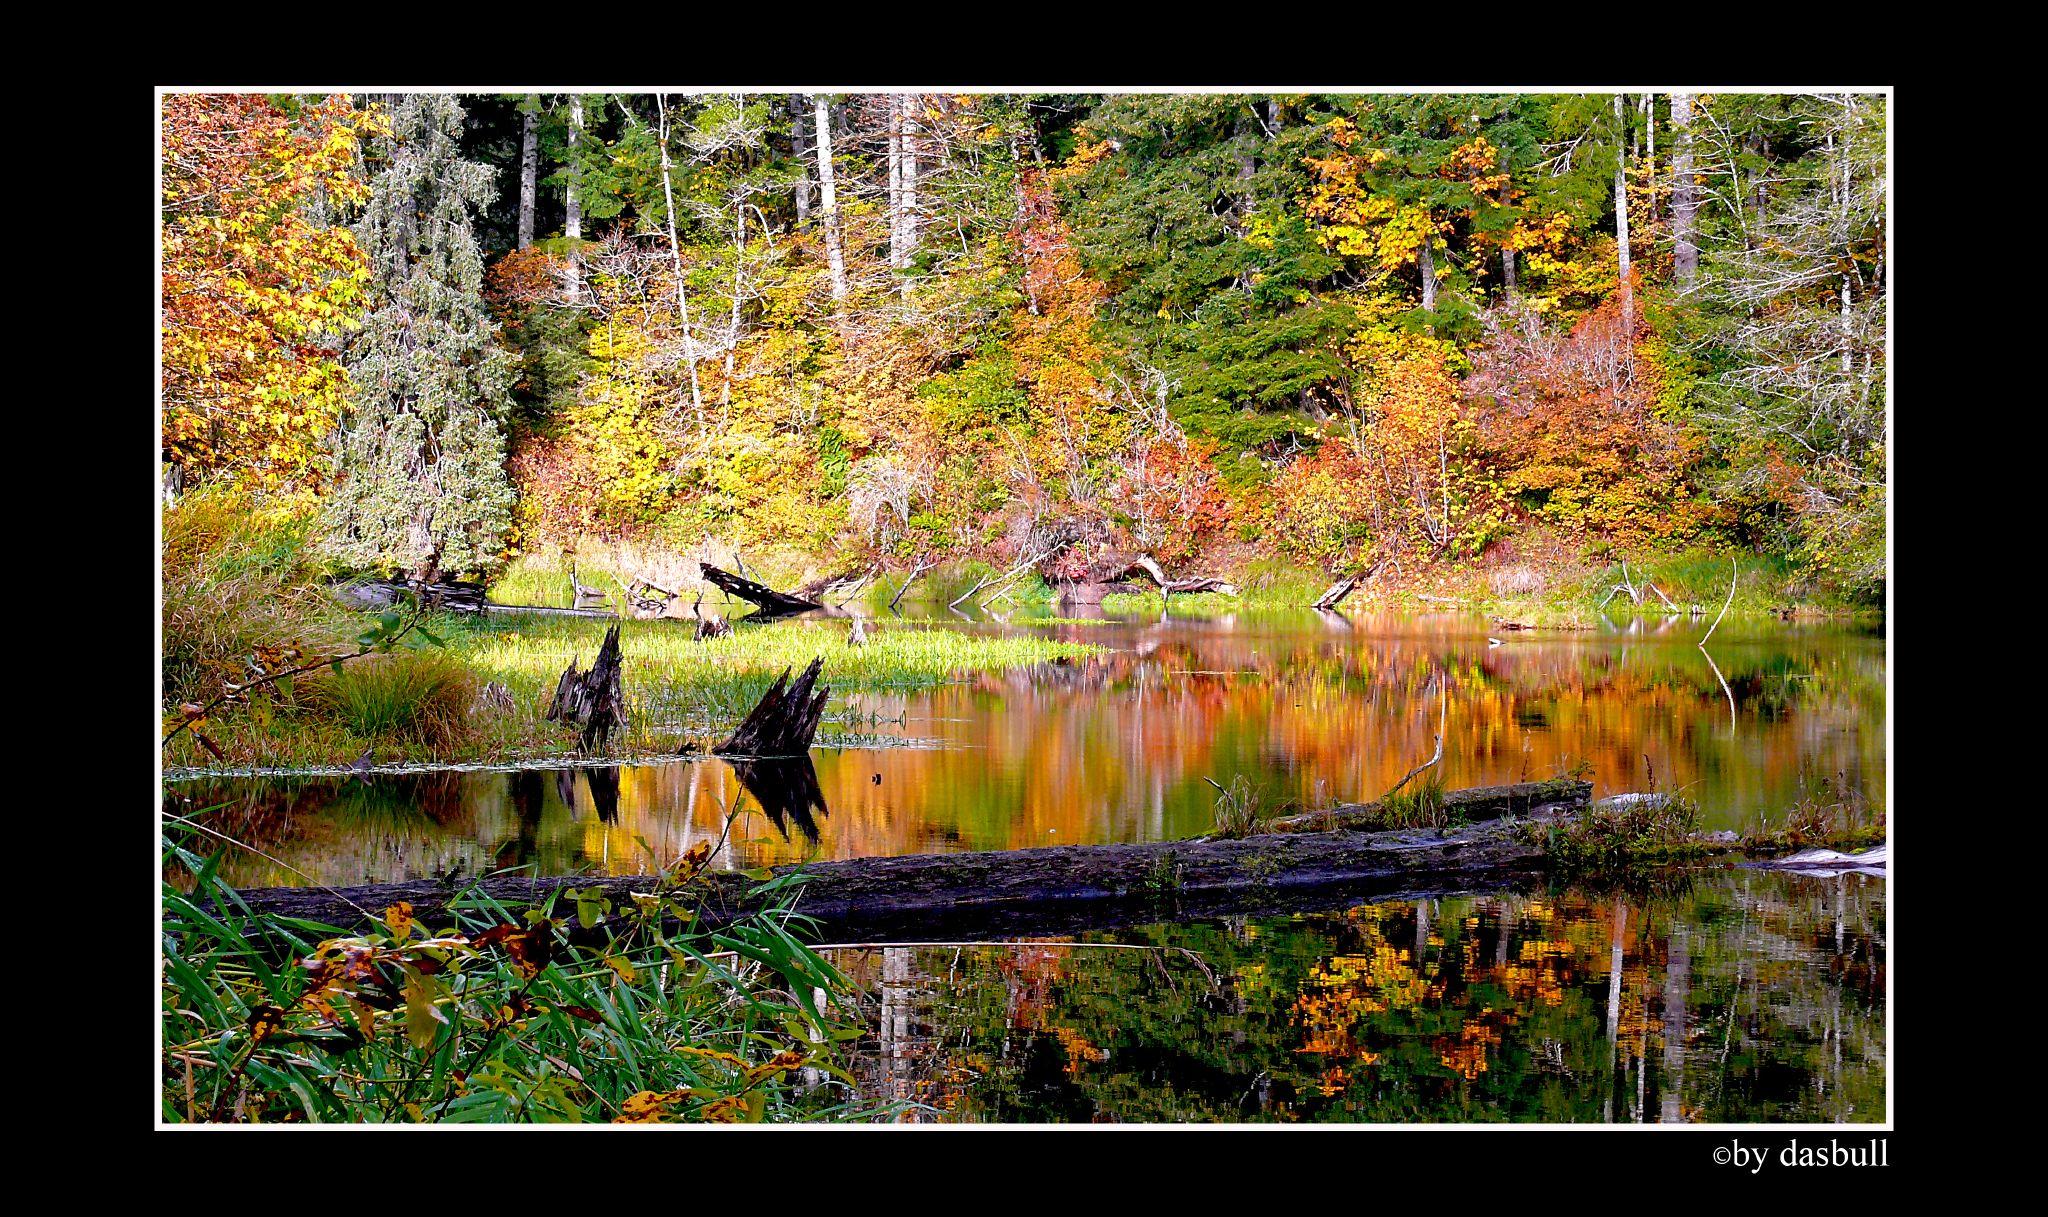 Hintergrundbilder : Kontrast, Wald, Photoshop, dunkel, Natur, Liebe ...